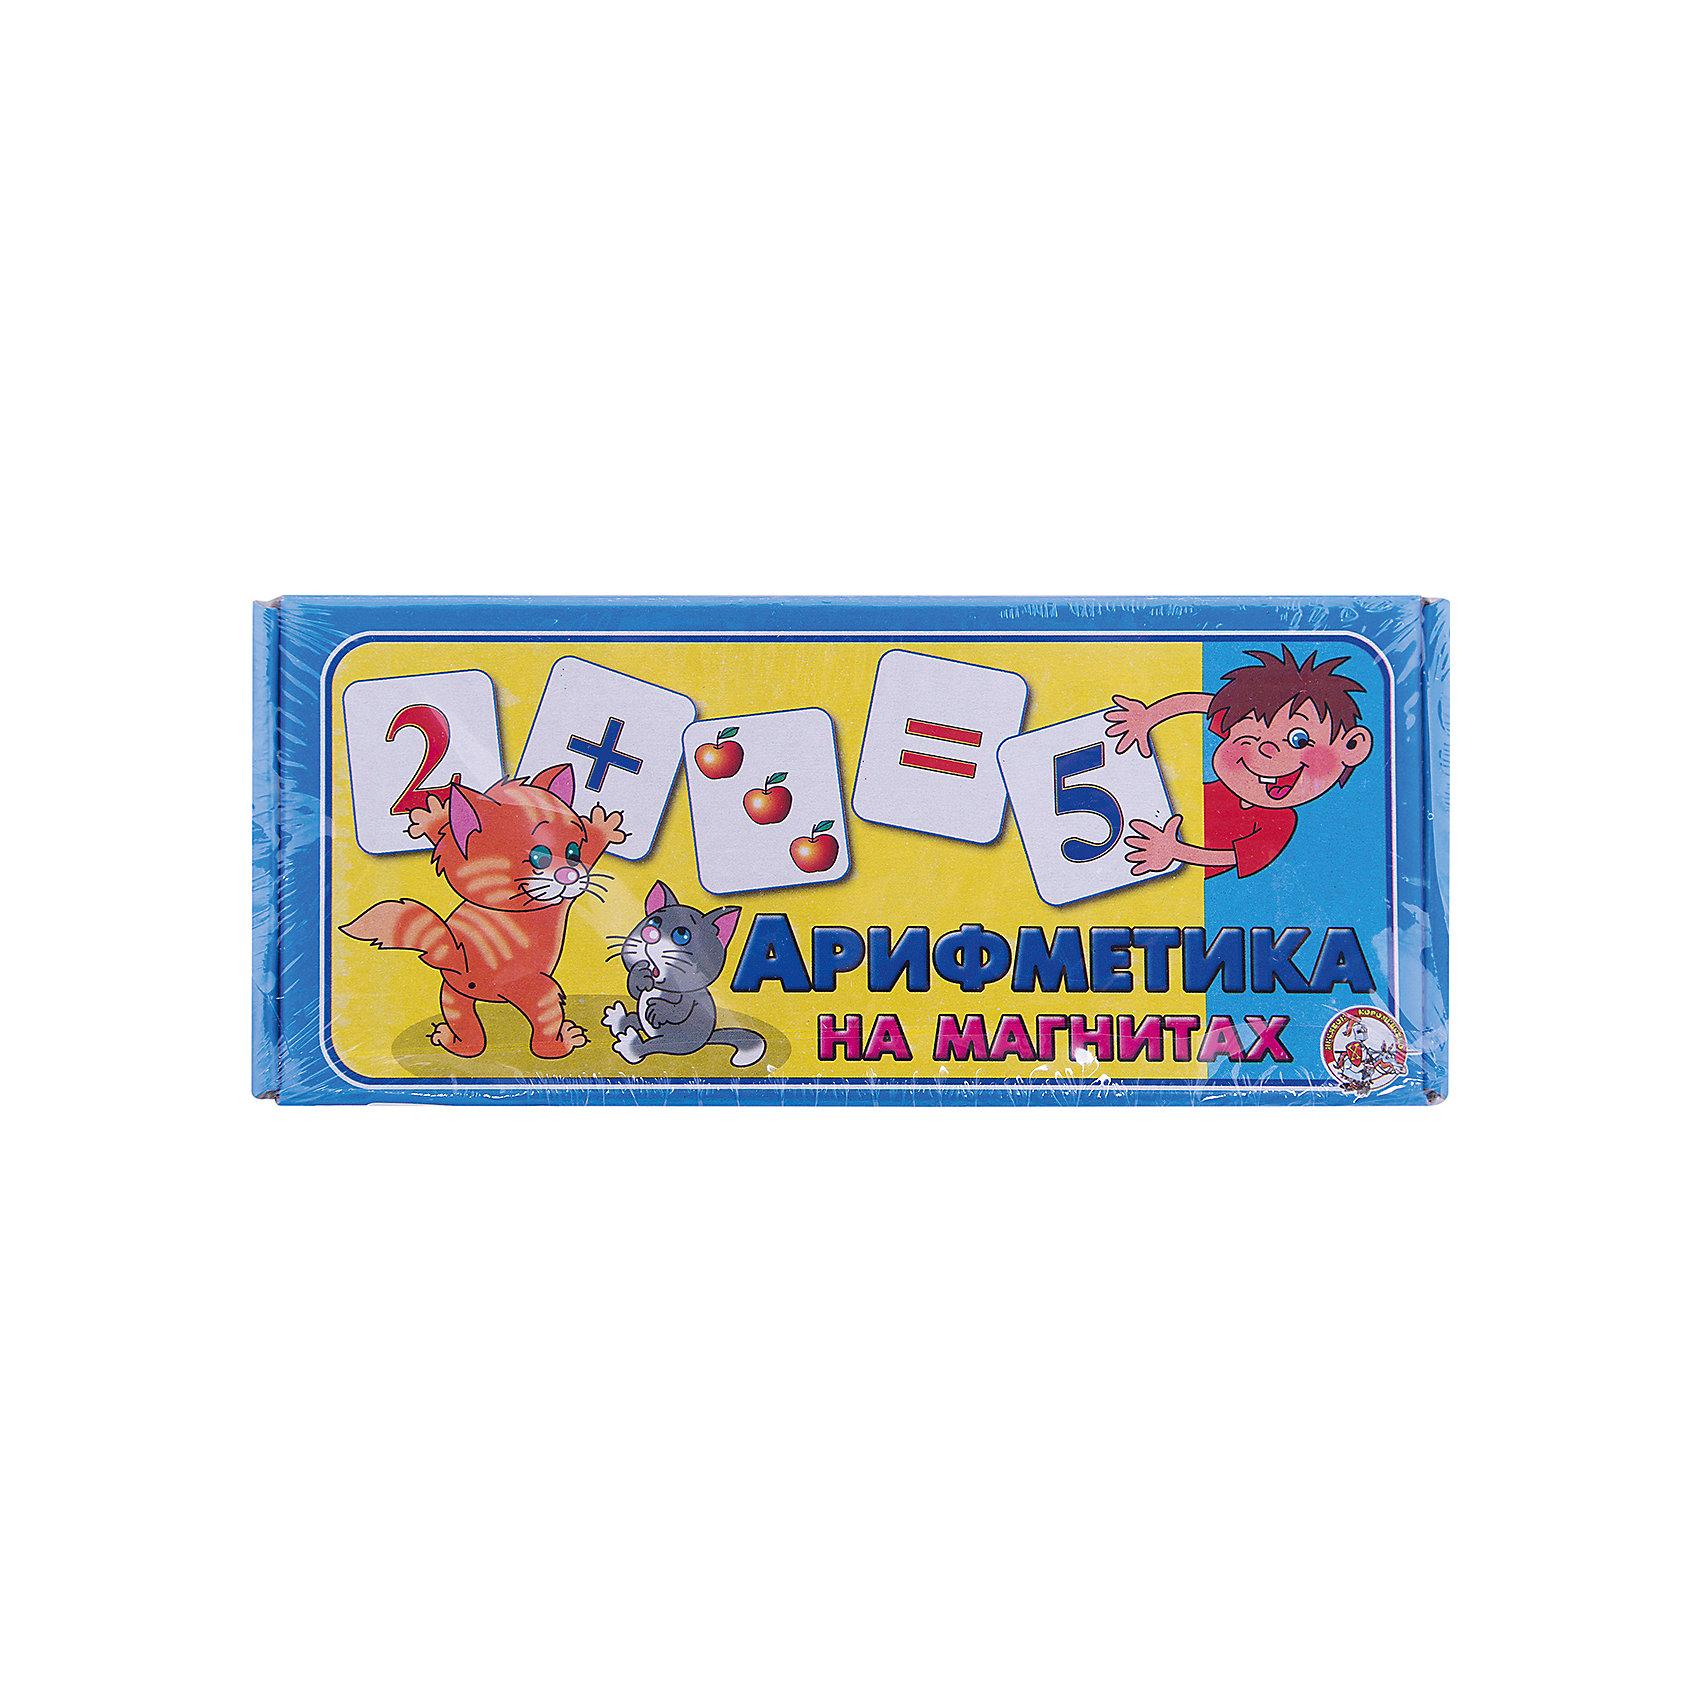 Магнитные карточки Арифметика  на магнитах, Десятое королевствоРазвивающие игры<br>Магнитные карточки Арифметика на магнитах, Десятое королевство<br><br>Характеристики: <br><br>• Возраст: от 3 лет<br>• Материал: картон, полимер<br>• В комплекте: 72 карточки, гибкая полимерная магнитная лента<br><br>Эта игра будет особенно полезна для детей от трех лет. С ее помощью ребенок будет учиться узнавать очертания букв и начнет складывать и вычитать цифры. Перед началом игры нужно разрезать и наклеить на карточки полимерную магнитную ленту. Этот набор полностью безопасен для детей и подходит для обучения деток азам арифметики.<br><br>Магнитные карточки Арифметика на магнитах, Десятое королевство можно купить в нашем интернет-магазине.<br><br>Ширина мм: 230<br>Глубина мм: 100<br>Высота мм: 35<br>Вес г: 144<br>Возраст от месяцев: 60<br>Возраст до месяцев: 2147483647<br>Пол: Унисекс<br>Возраст: Детский<br>SKU: 5473731